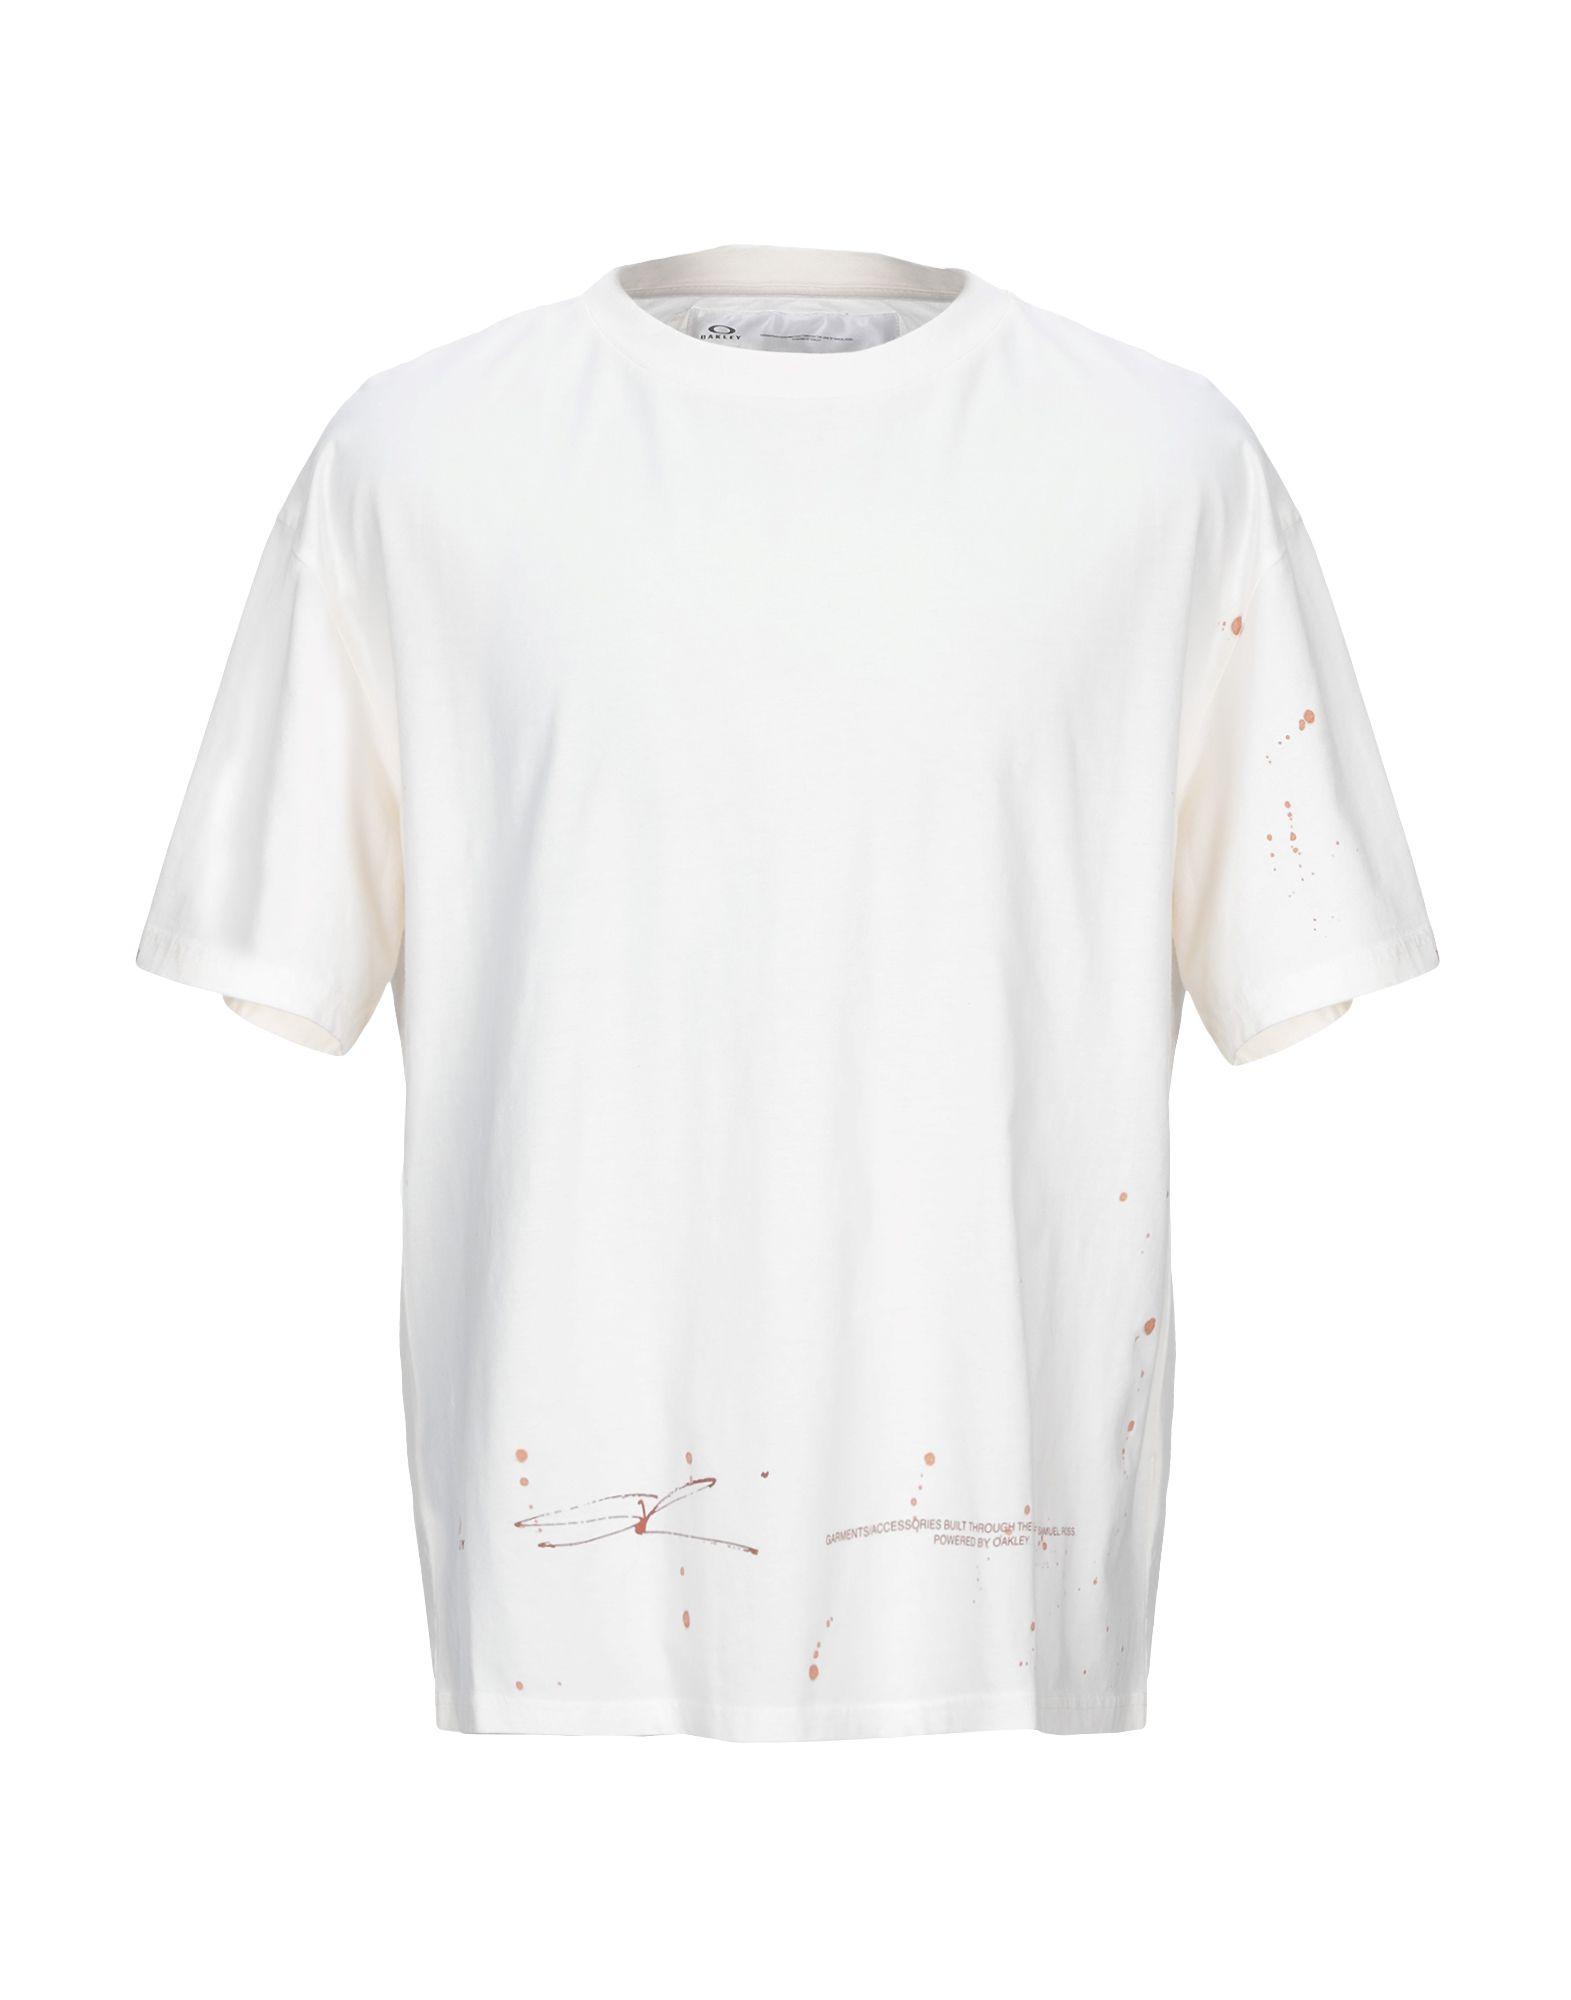 《期間限定セール中》OAKLEY メンズ T シャツ アイボリー S コットン 100%